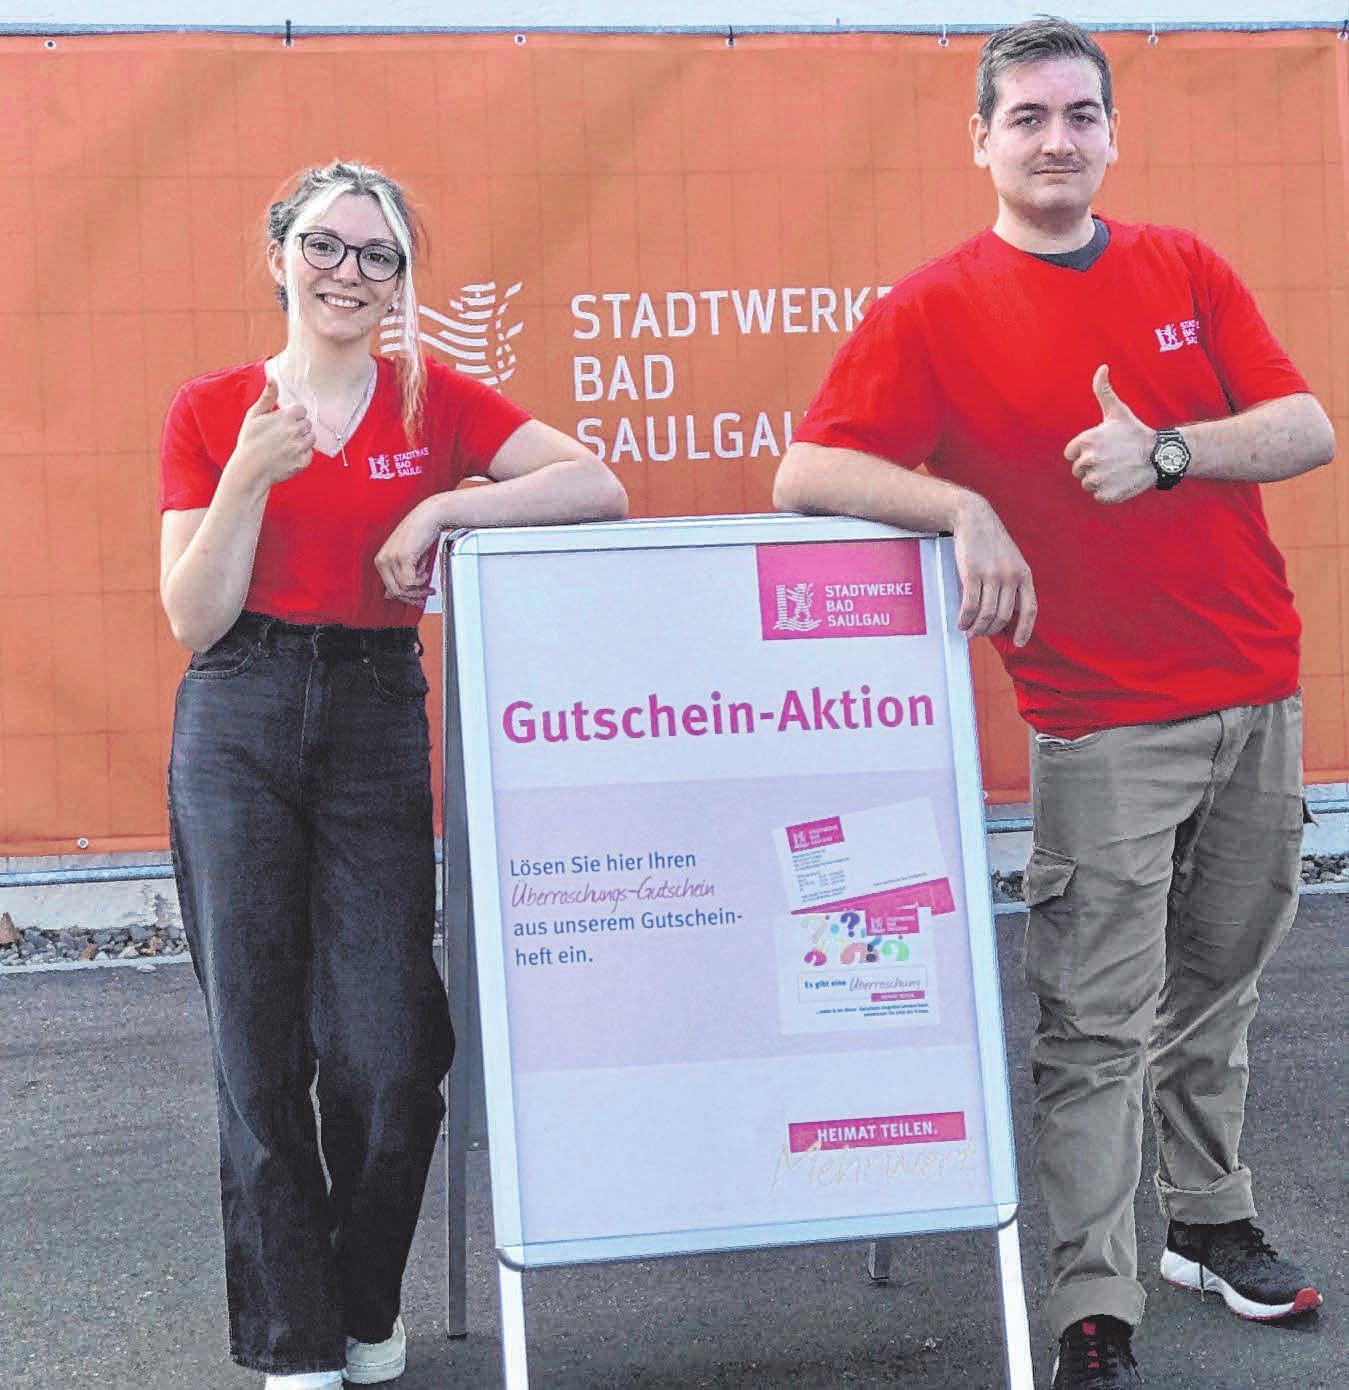 """Energiekunden sollten ihr Vorteilsheft mit dem Gutschein """"Es gibt eine Überraschung"""" dabei haben. Foto: Stadtwerke Bad Saulgau"""